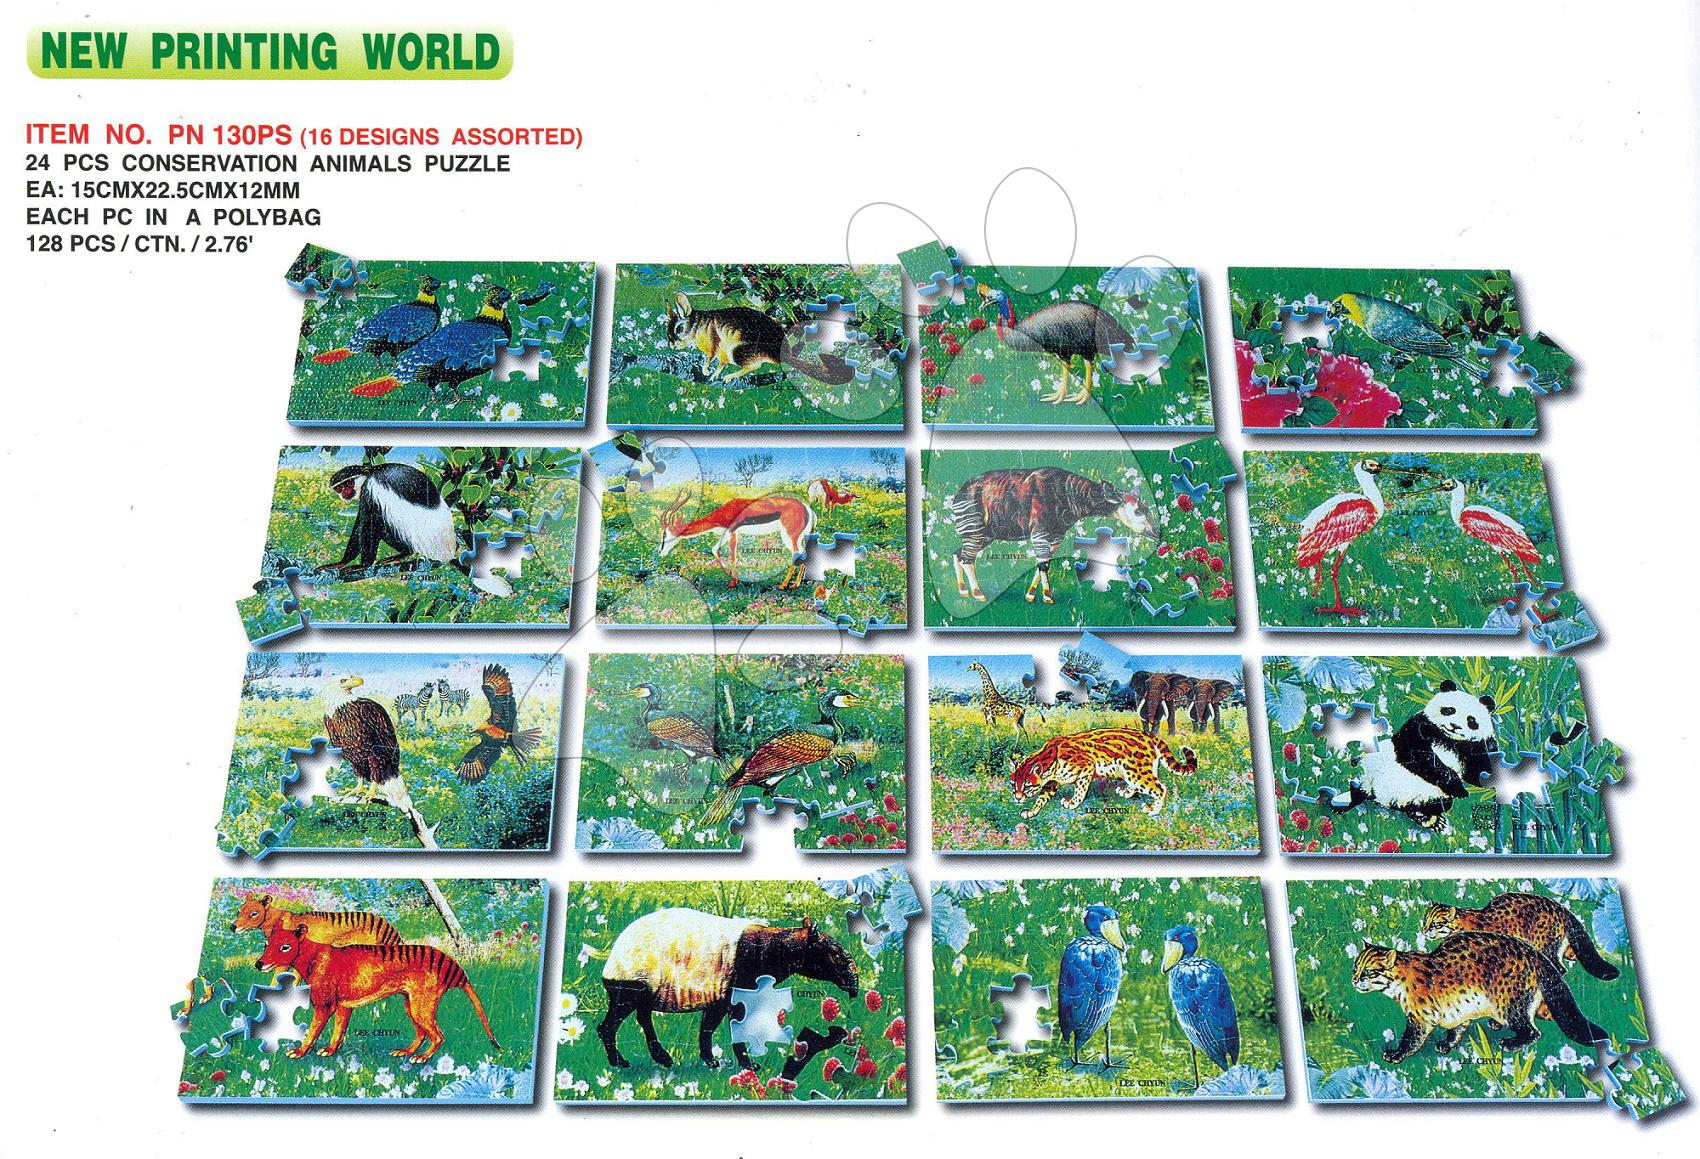 Penové puzzle - Penové puzzle divoké zvieratká Lee 24 ks